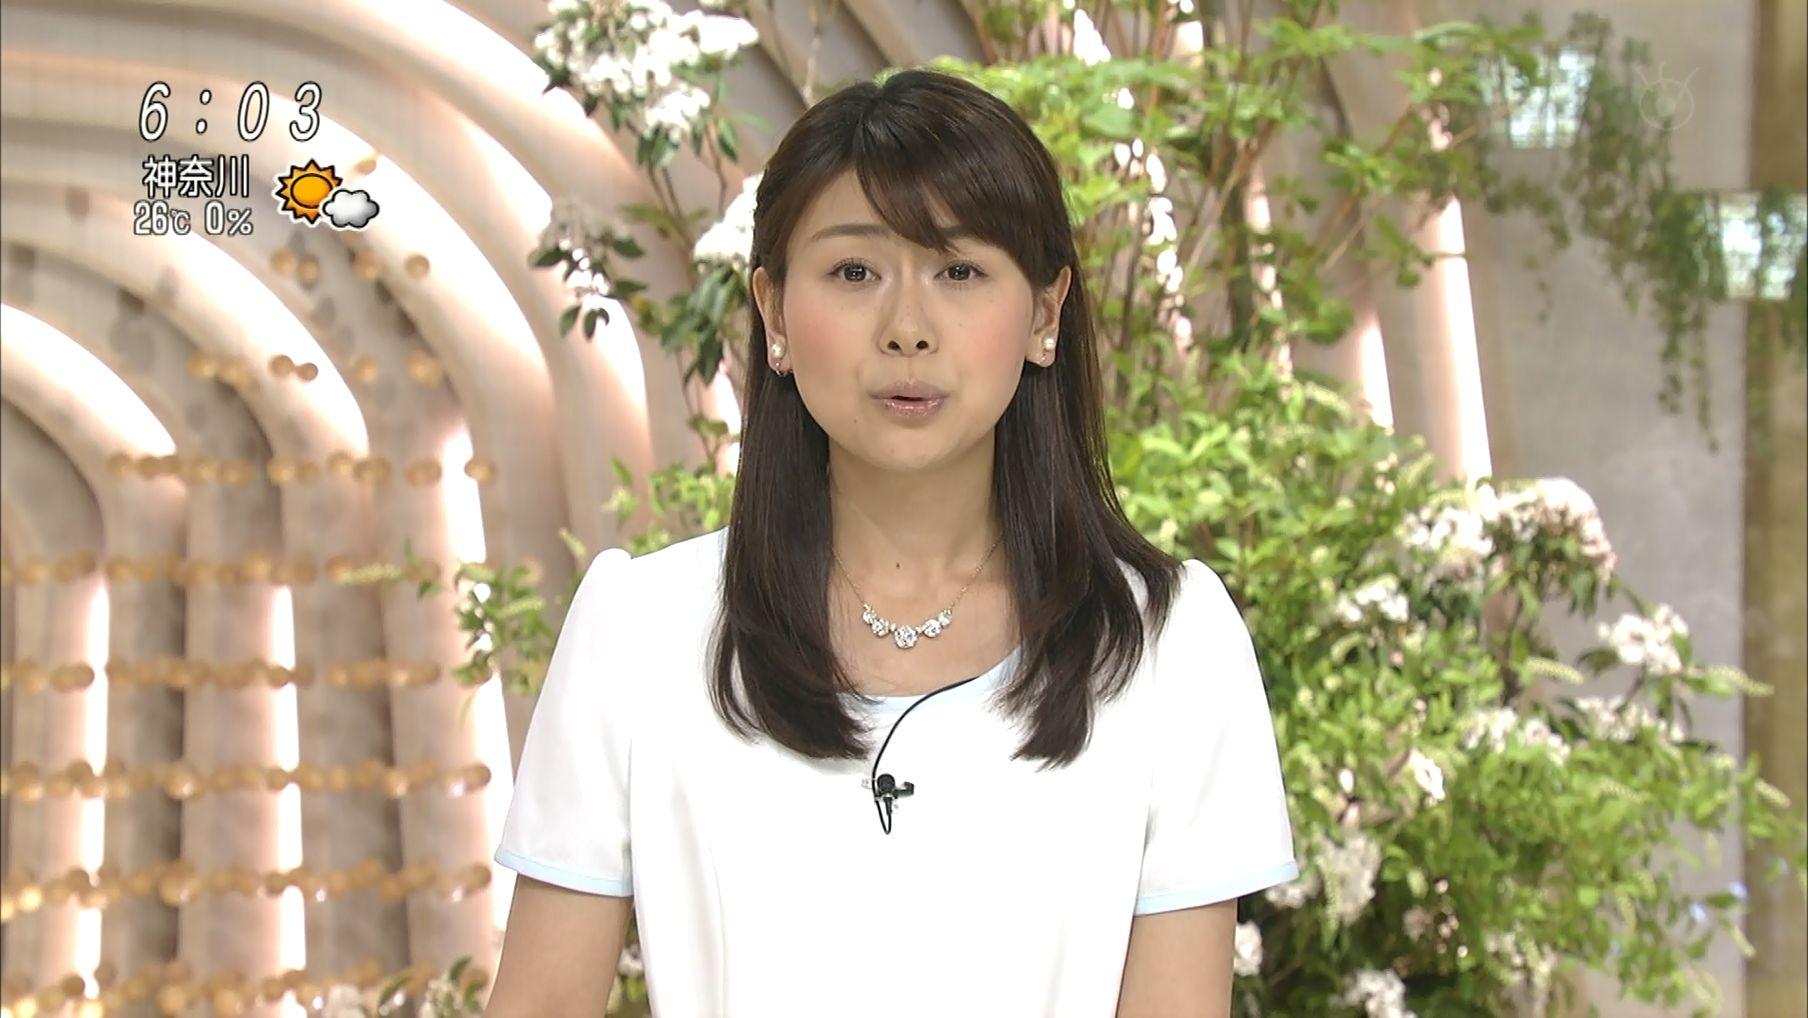 山中章子:女子アナキャプでも貼っておく ~Strategic Choice~ 女子アナキャプでも